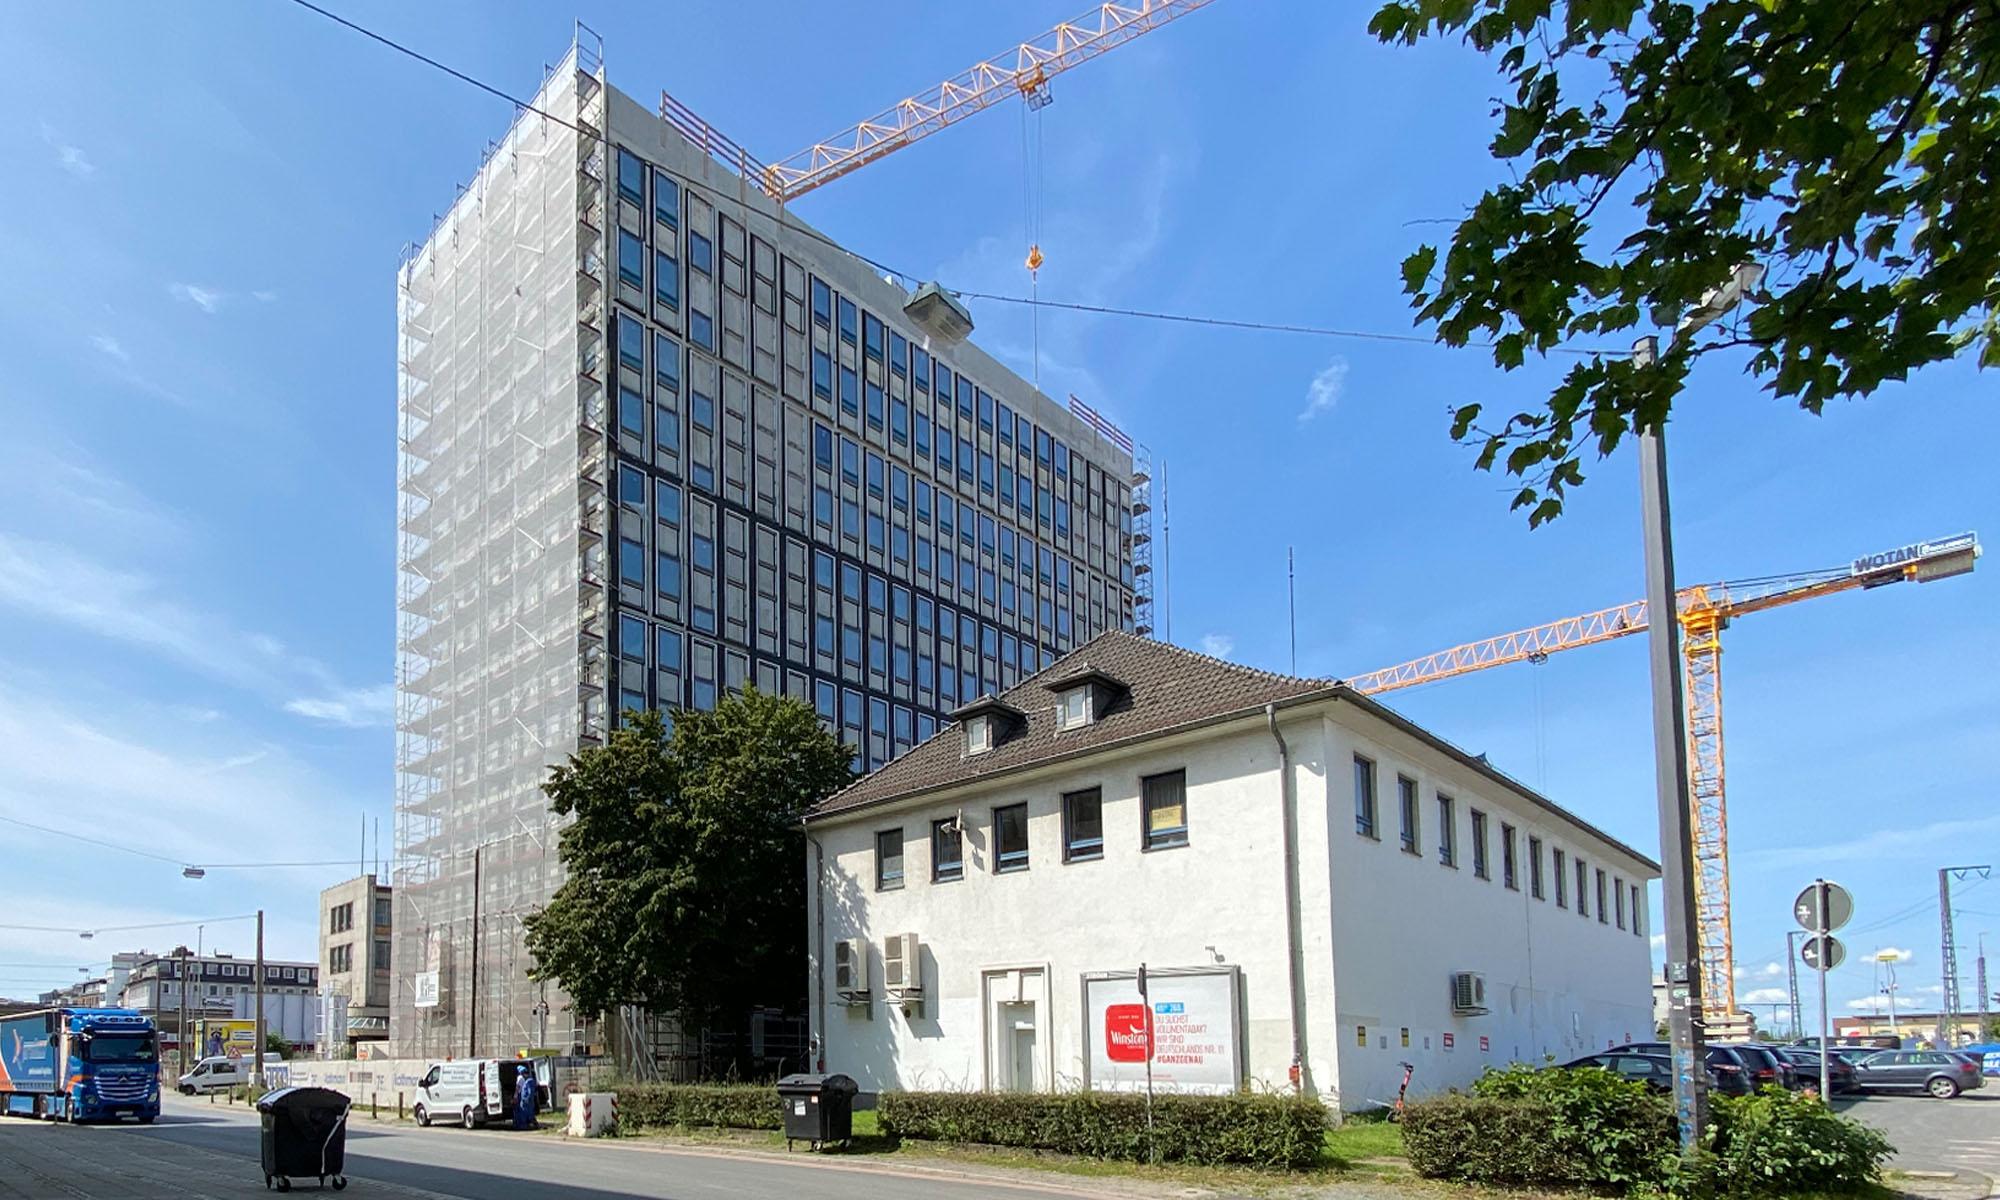 Hochhaus am Fernbsuterminal Bremen